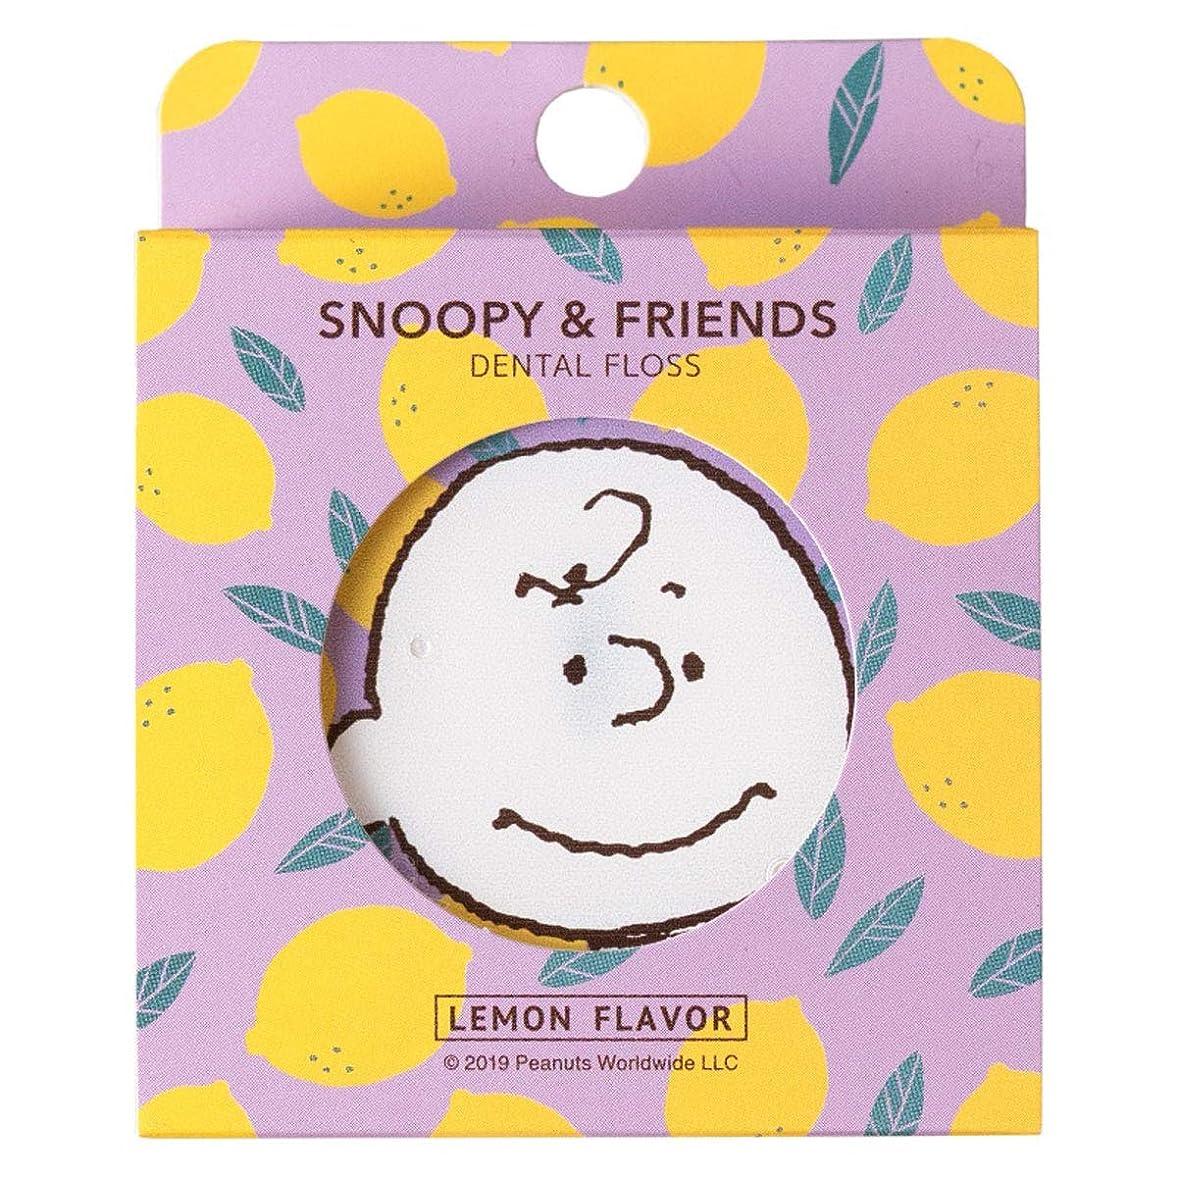 広いラボ塗抹FINE(ファイン) スヌーピー&フレンズ デンタルフロス 約3ヶ月分 レモンの香り 50m